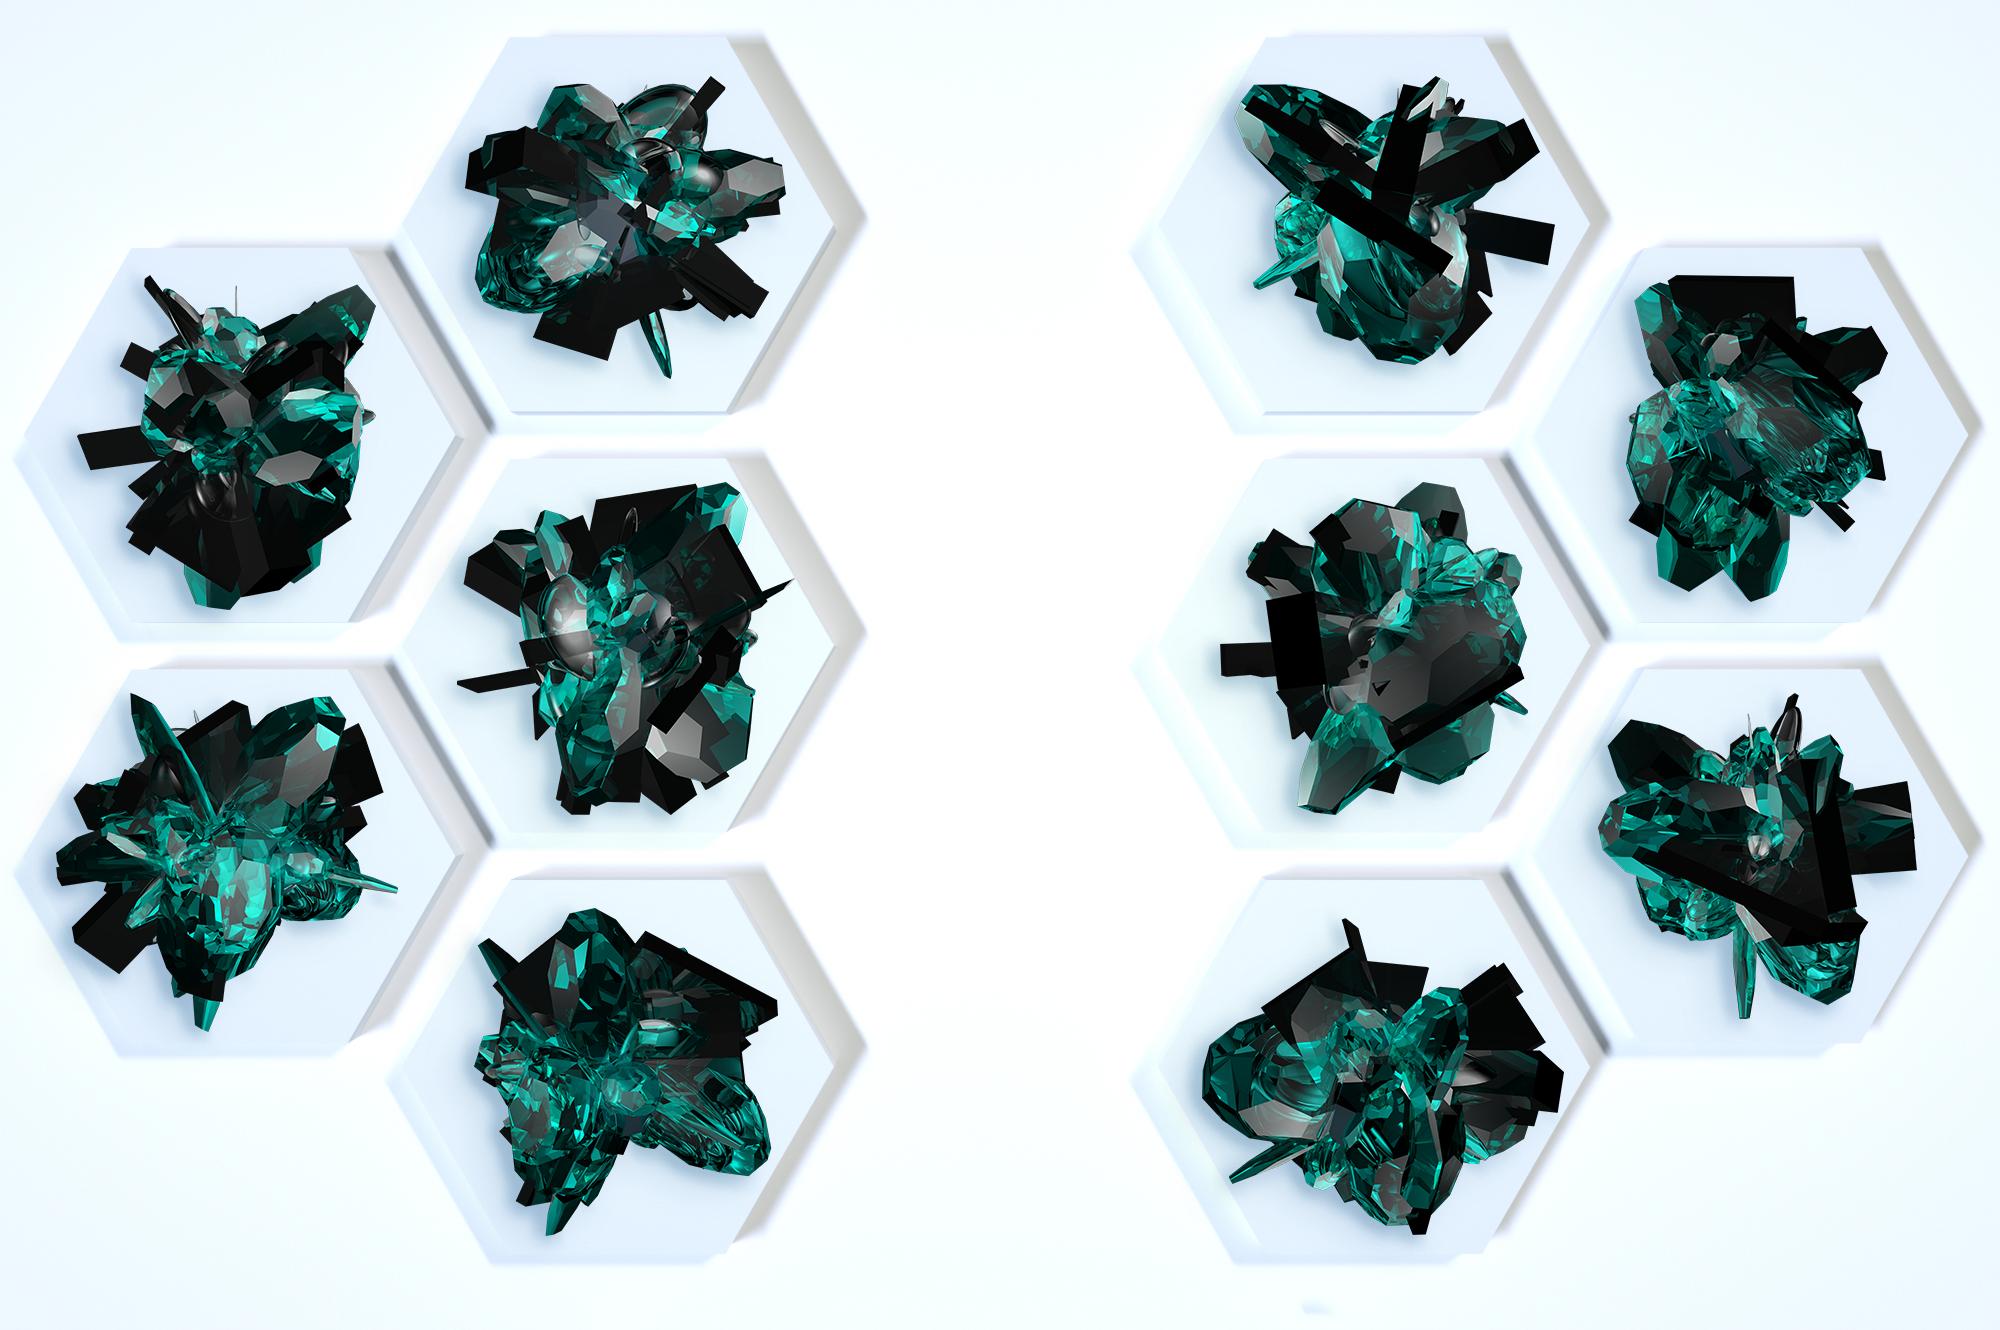 Crystal|Azbuka|Alphabet example image 17